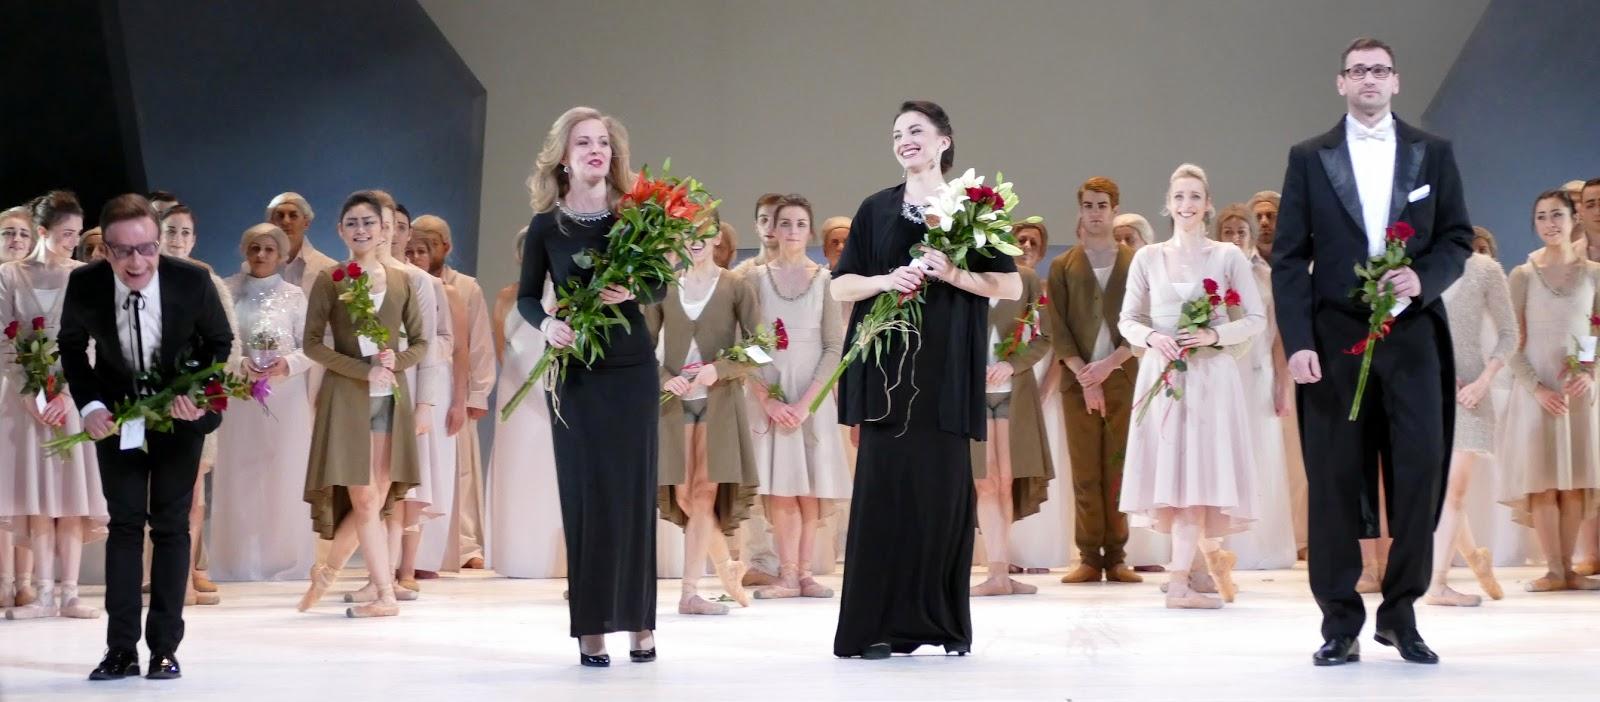 Pendant la Semaine Sainte, l'Opéra de Wroclaw présente une version dansée du Requiem de Mozart